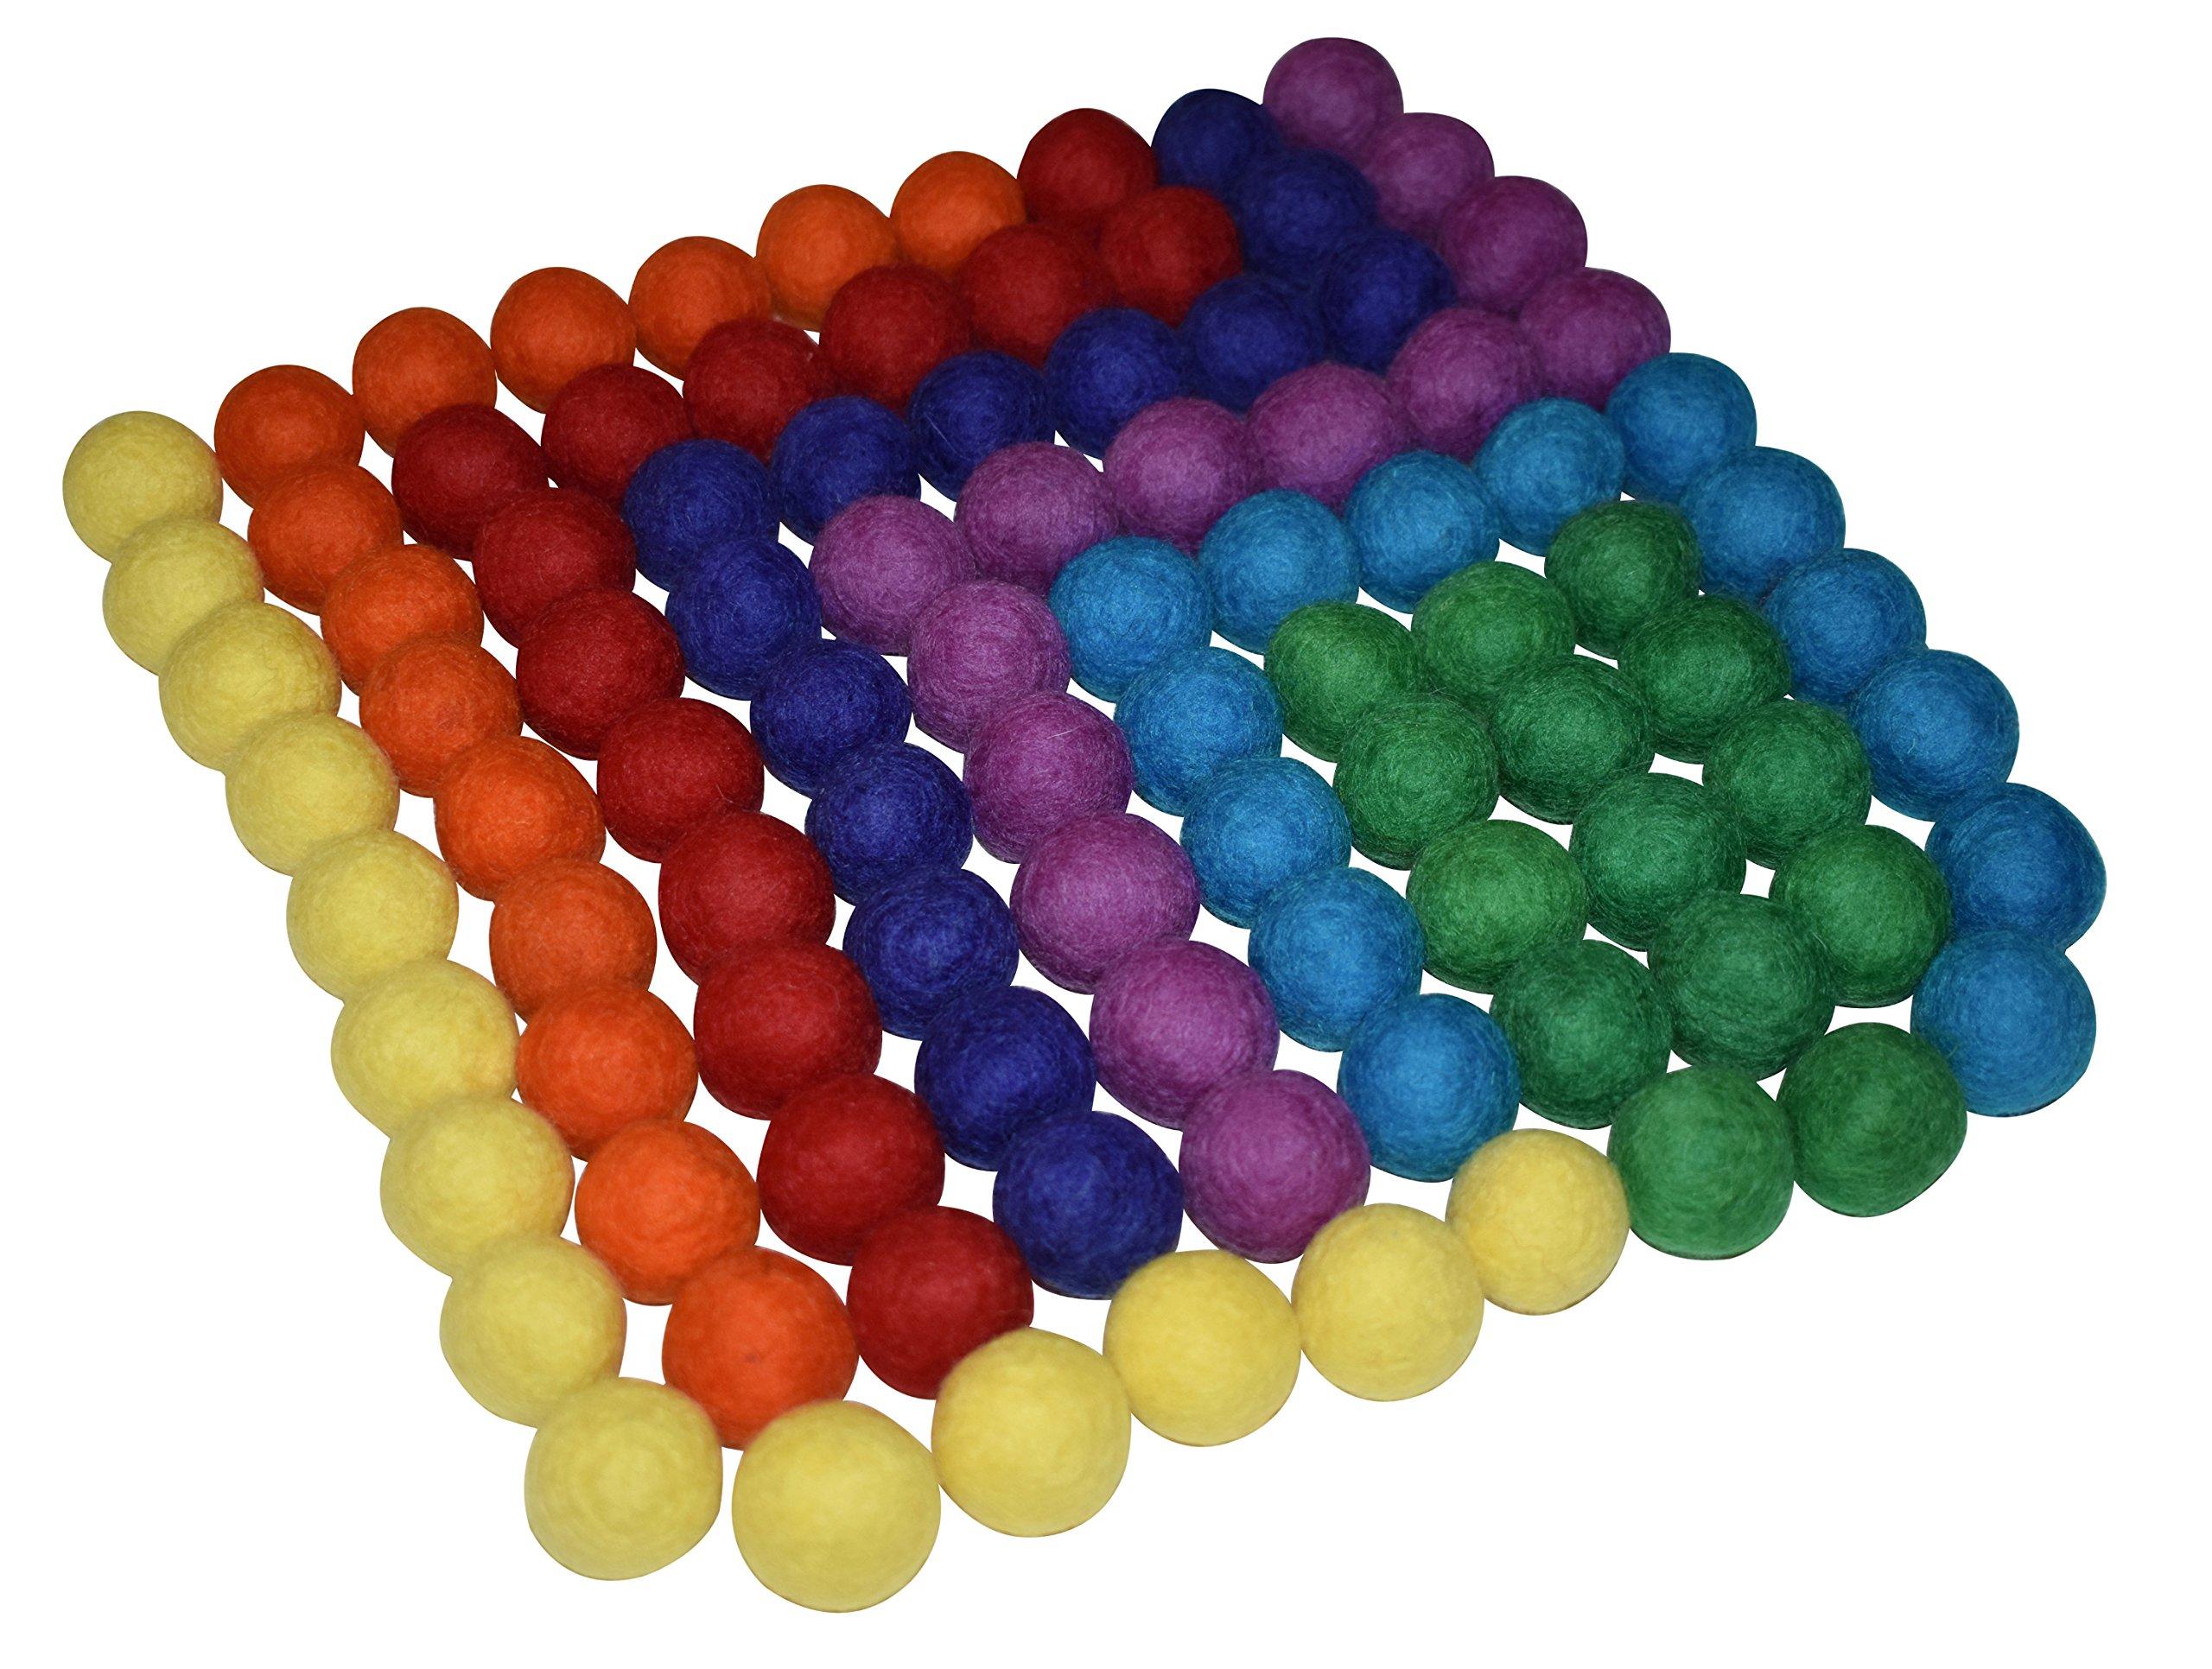 Rainbow Felt Balls - 98 Pieces | 100% Pure Wool Felt Balls | All Natural